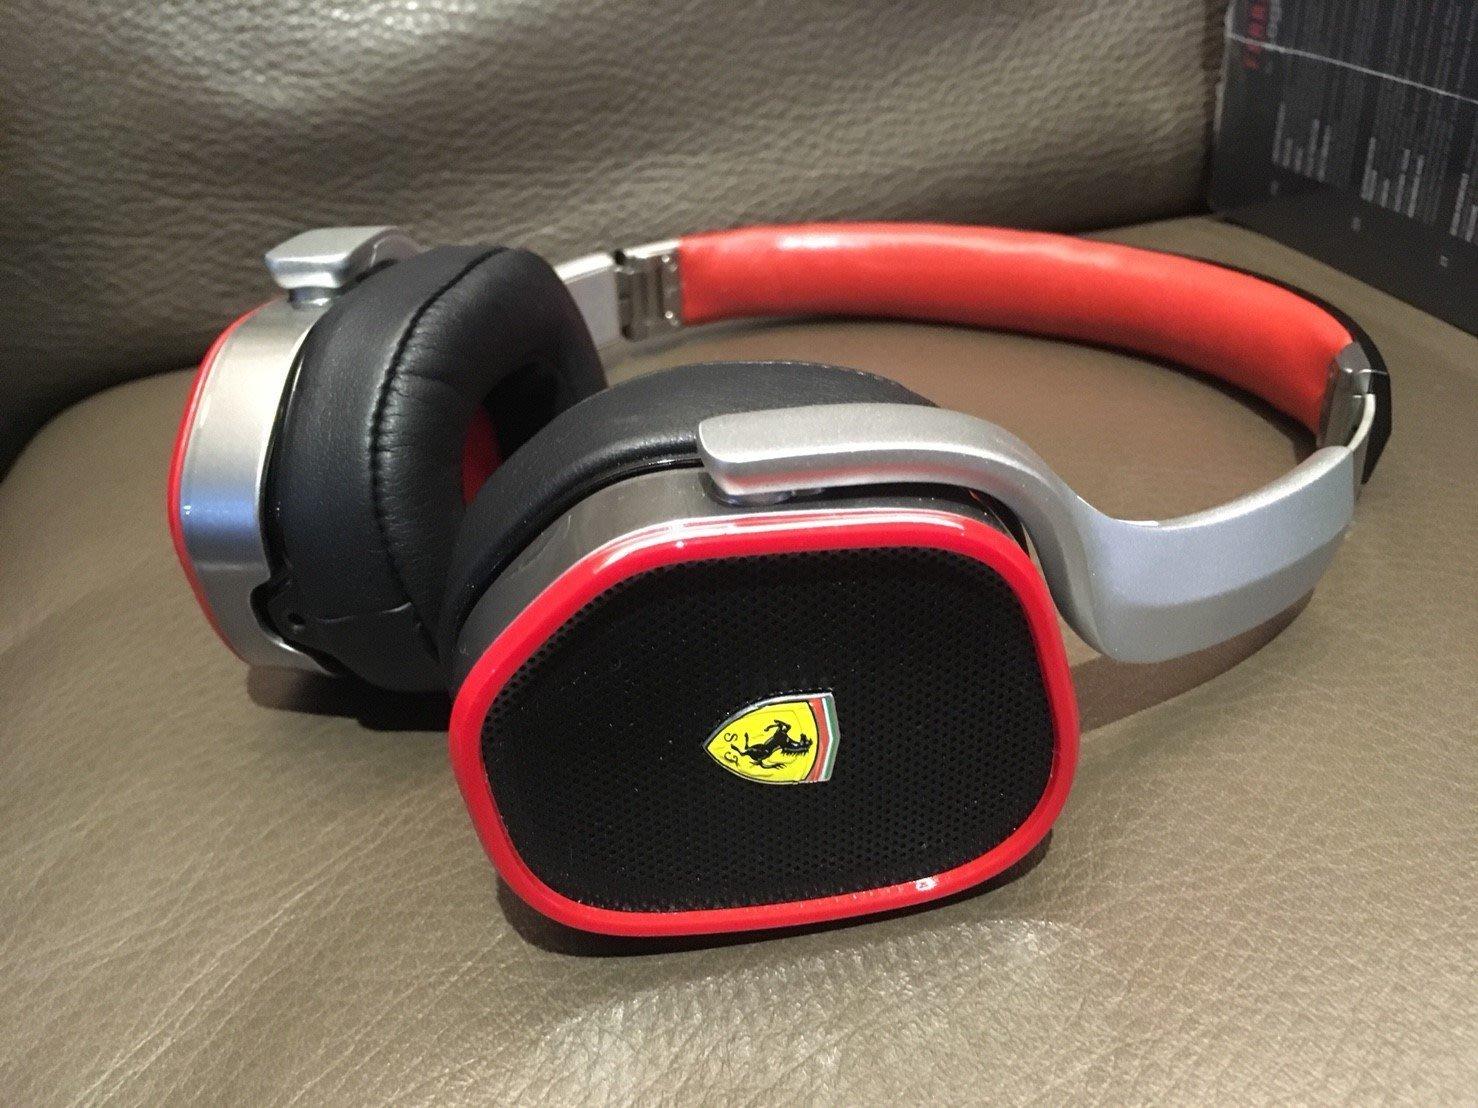 法拉利 Ferrari R200 頭戴式耳罩式耳機 二手 9.9新